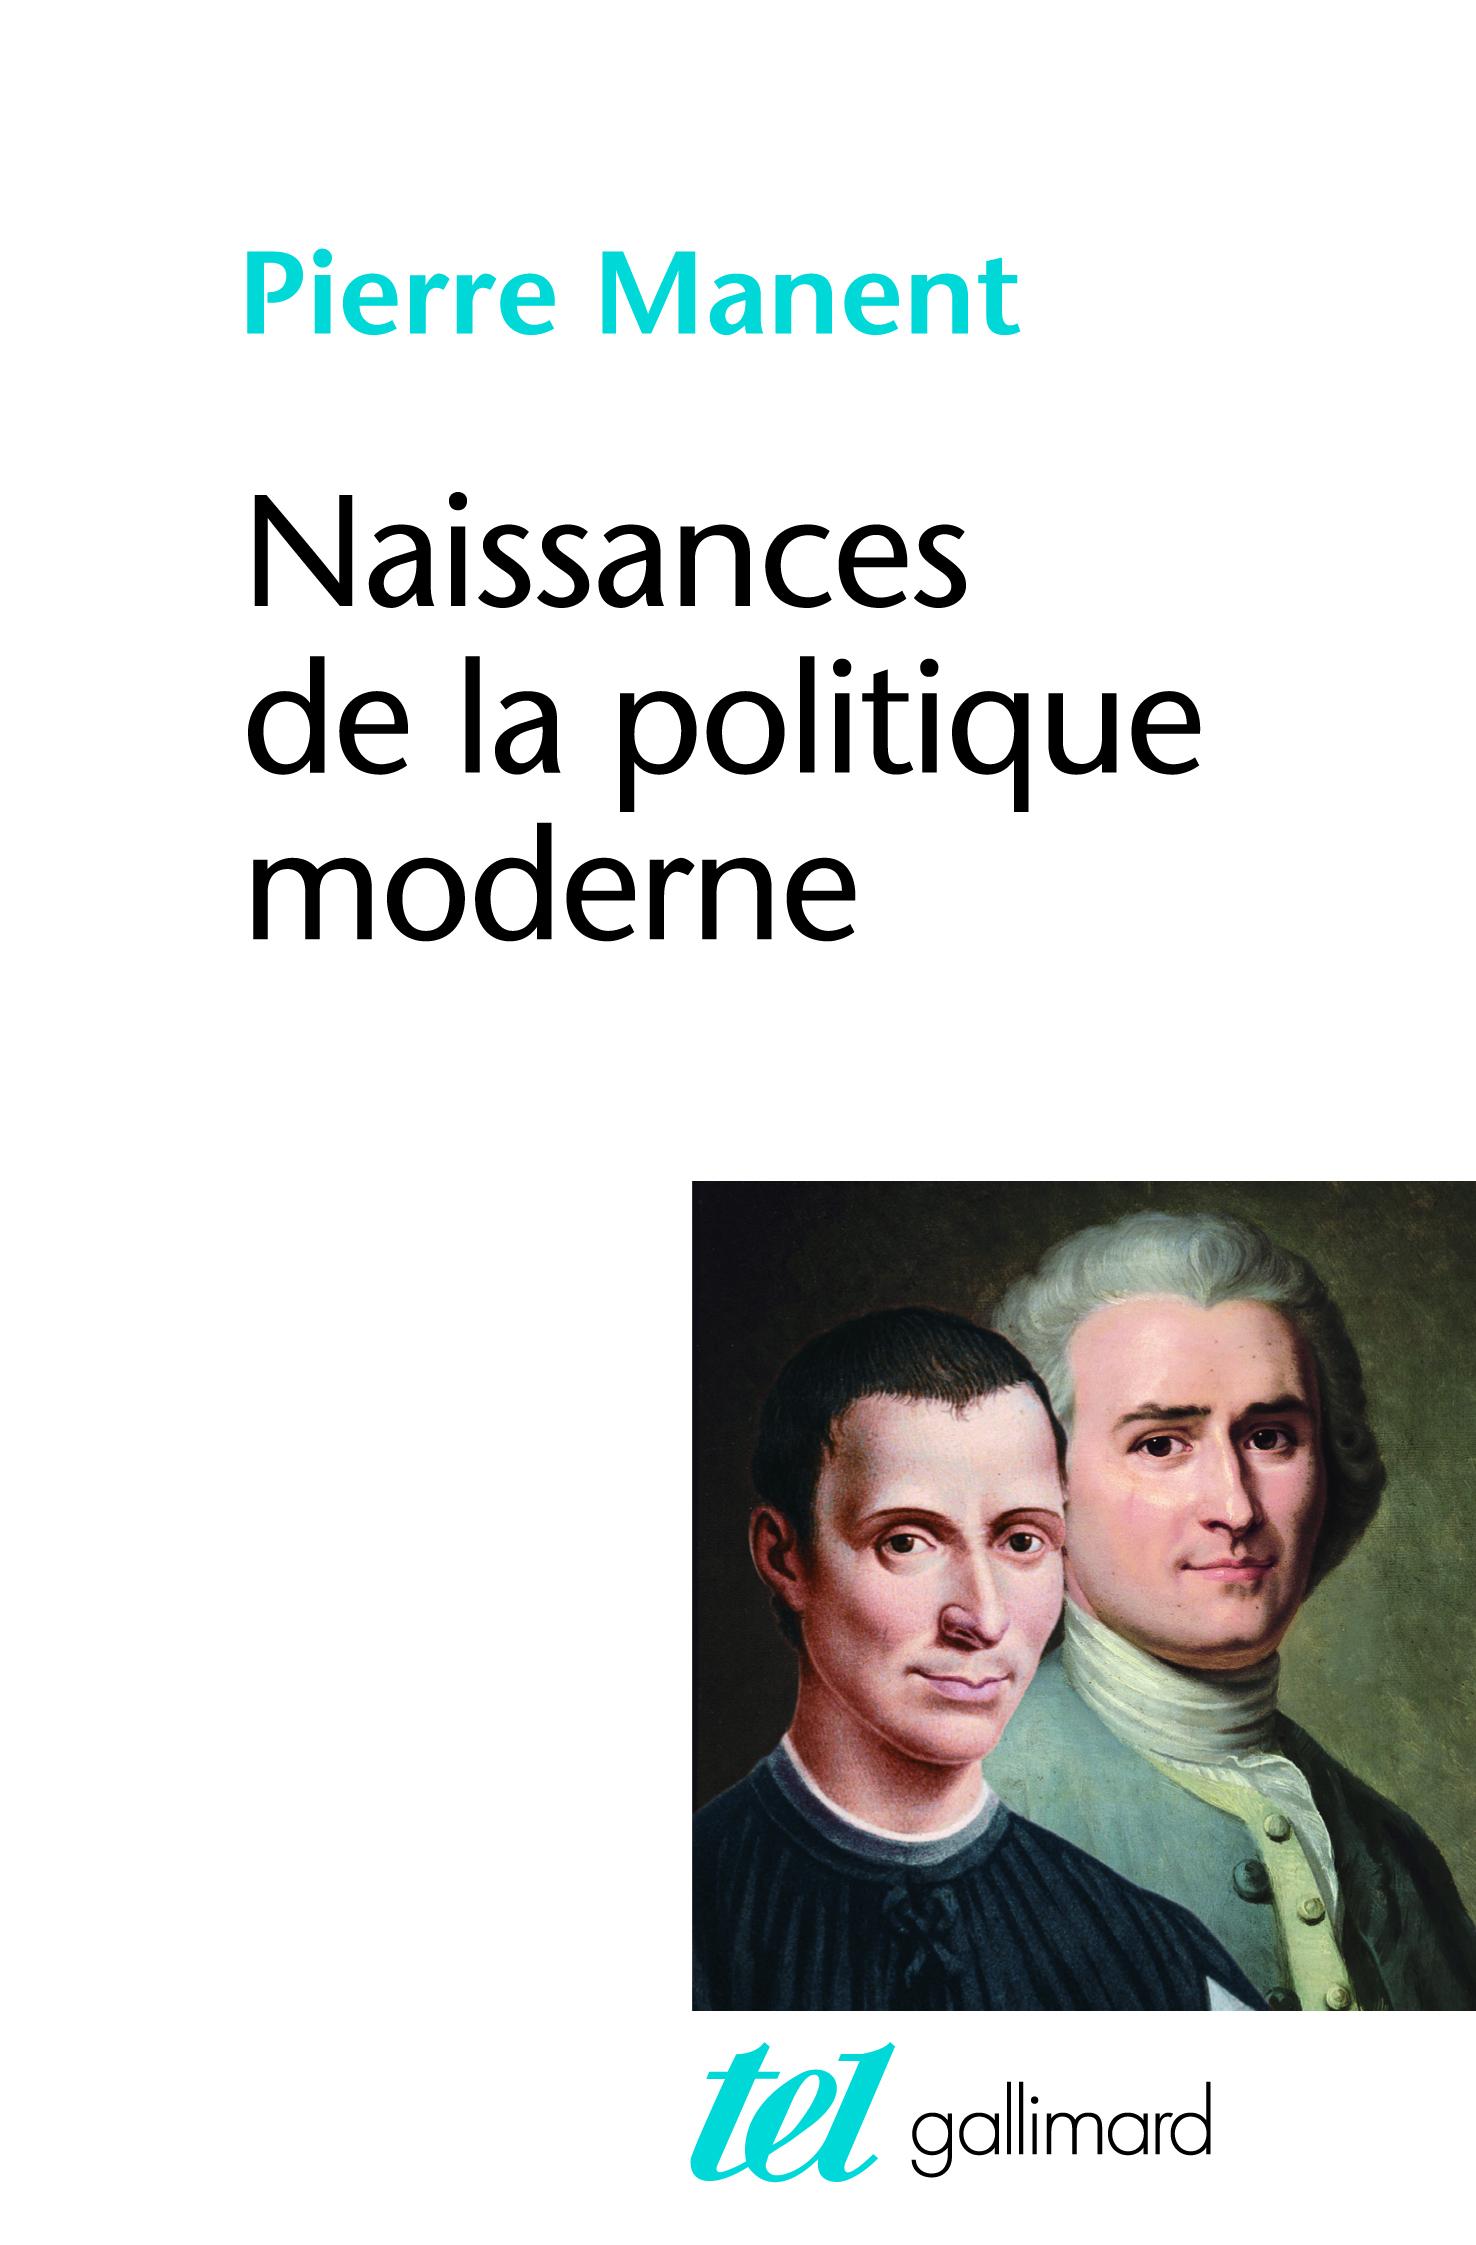 NAISSANCE DE LA POLITIQUE MODERNE